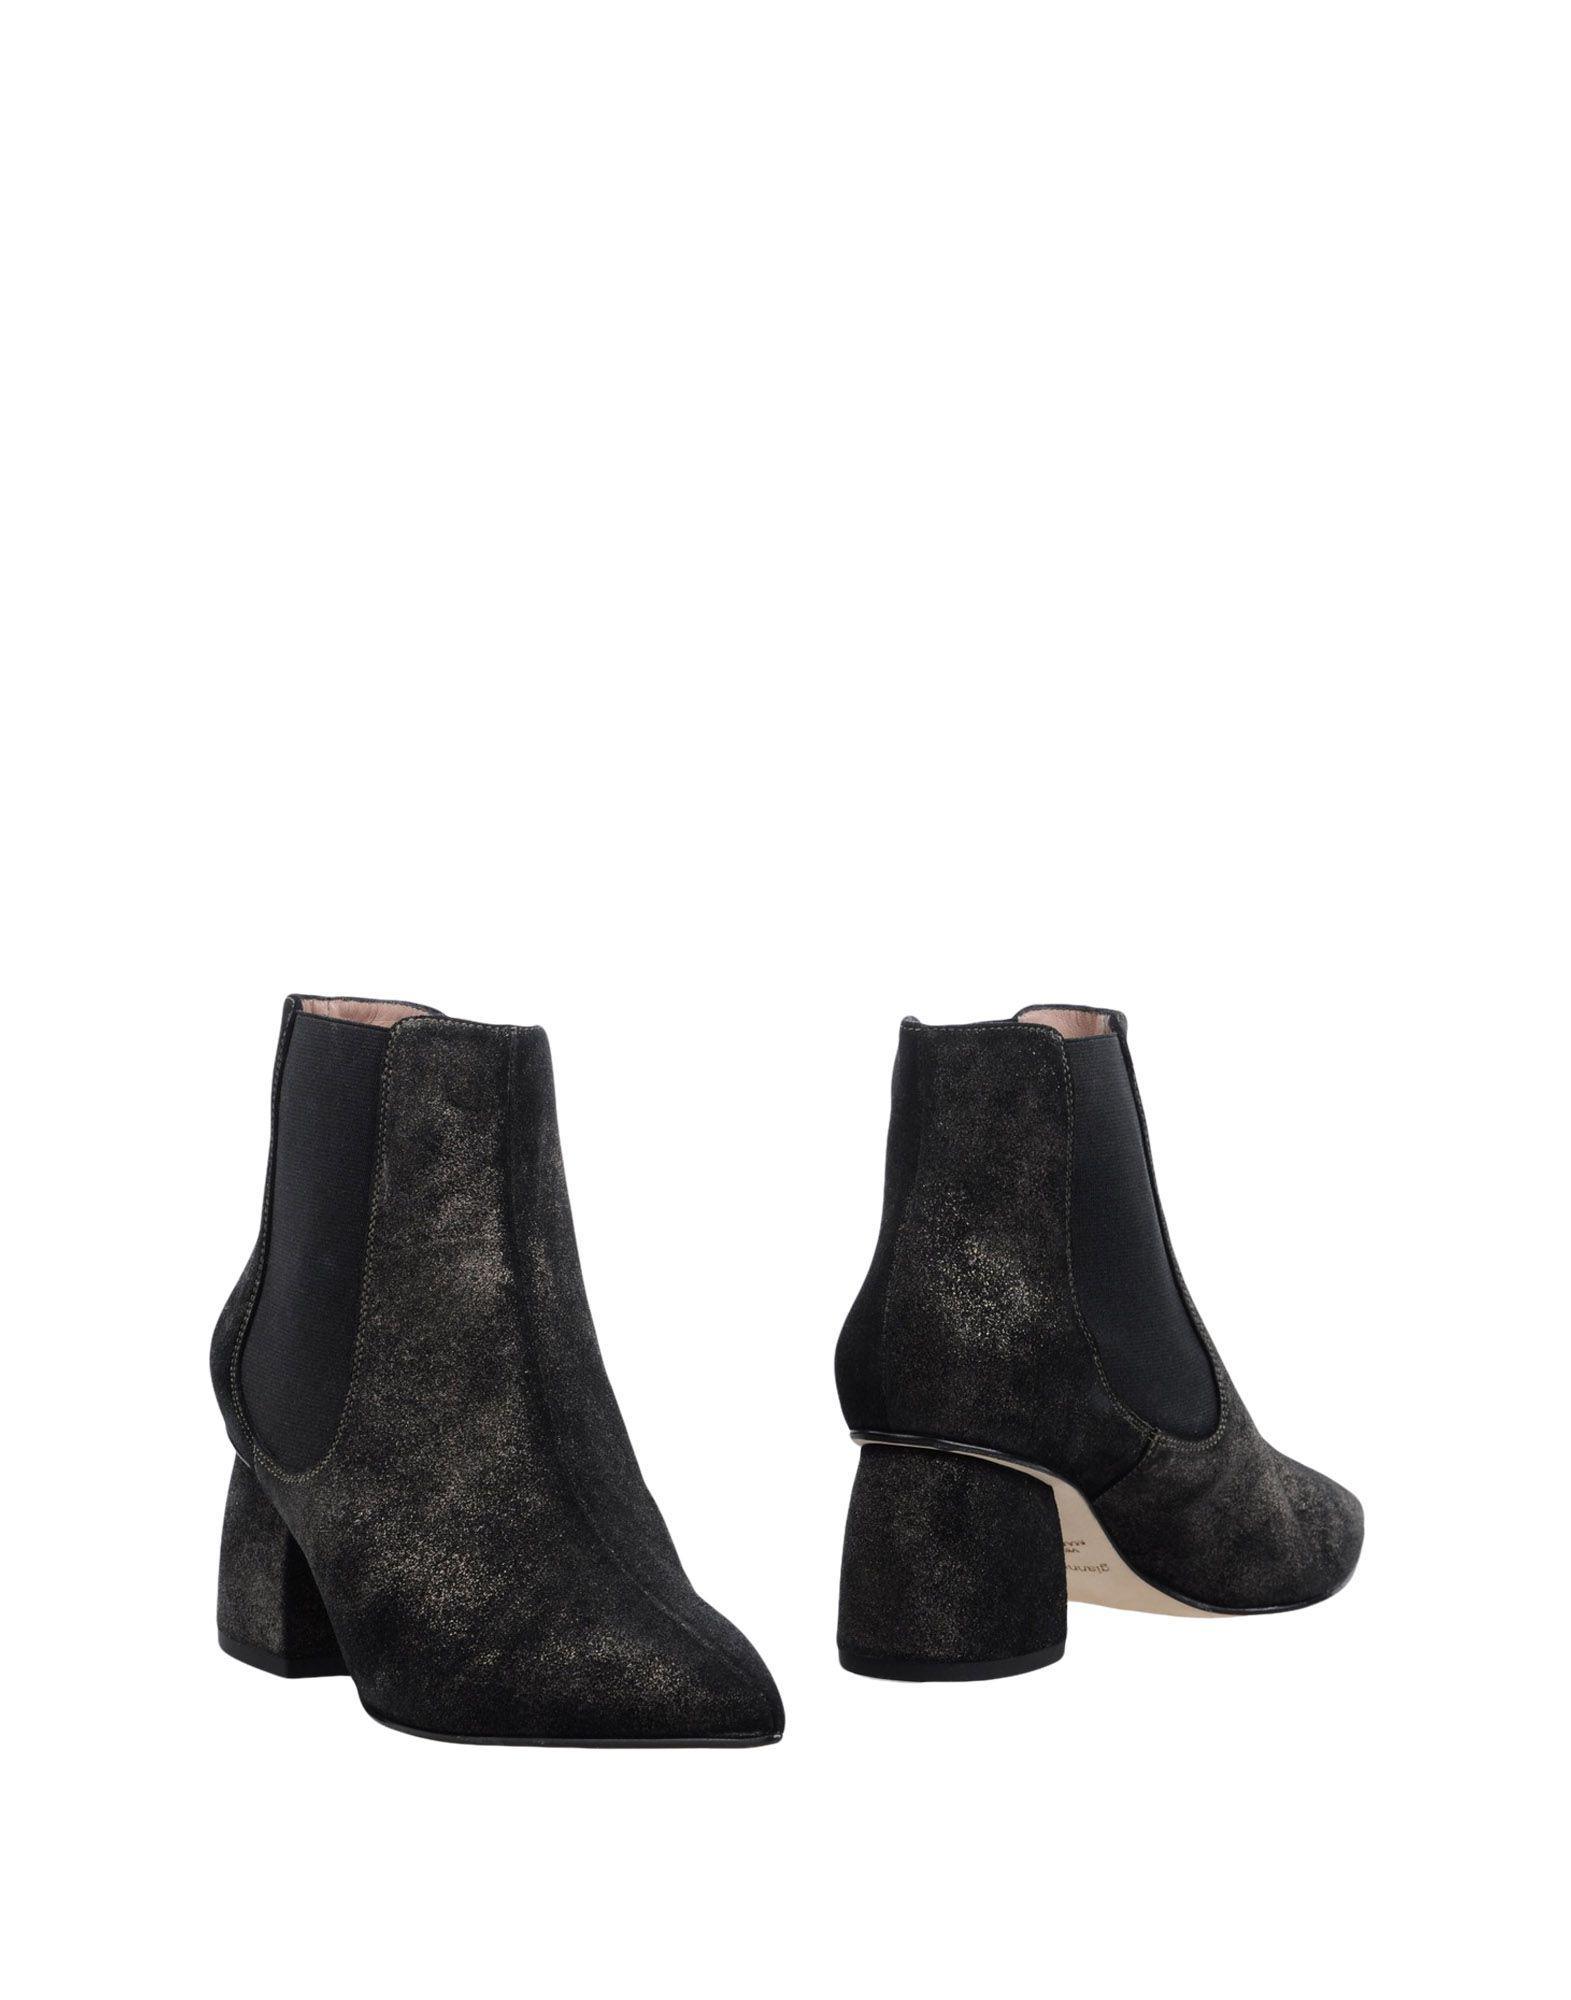 FOOTWEAR - Ankle boots Gianna Meliani zAPgLD1